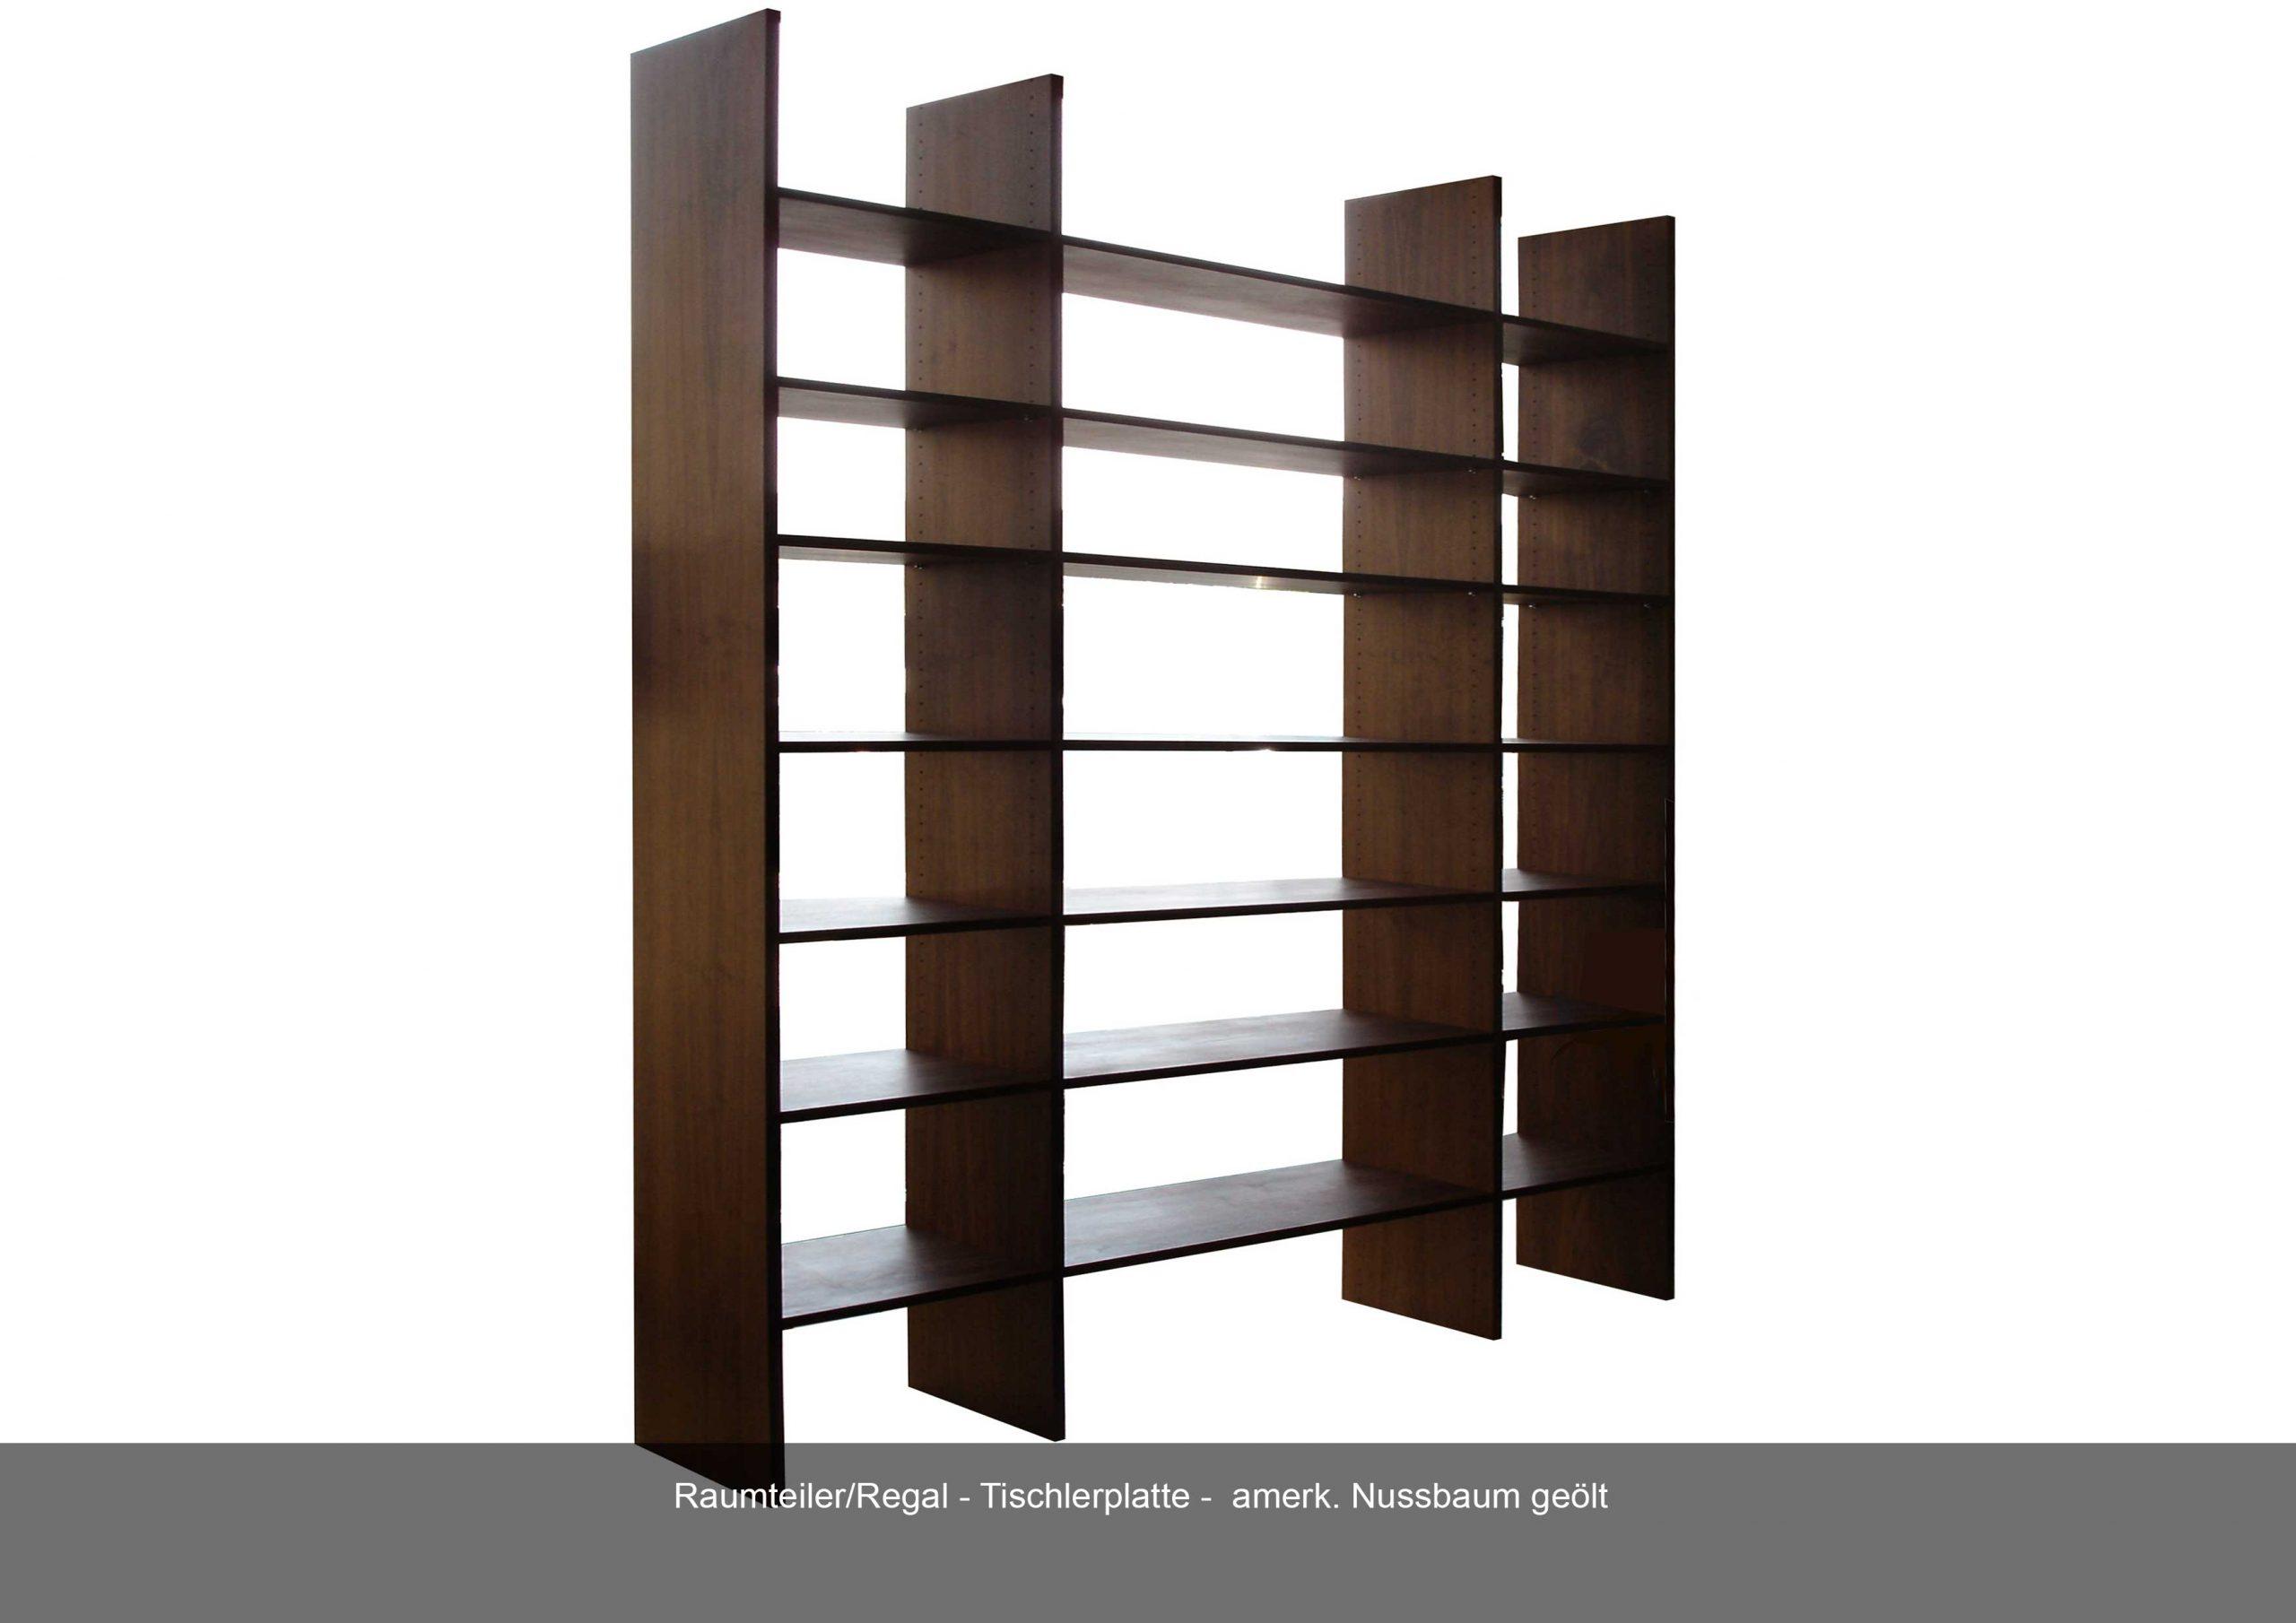 Raumteiler Regal Tischlerplatte Nussbaum geölt